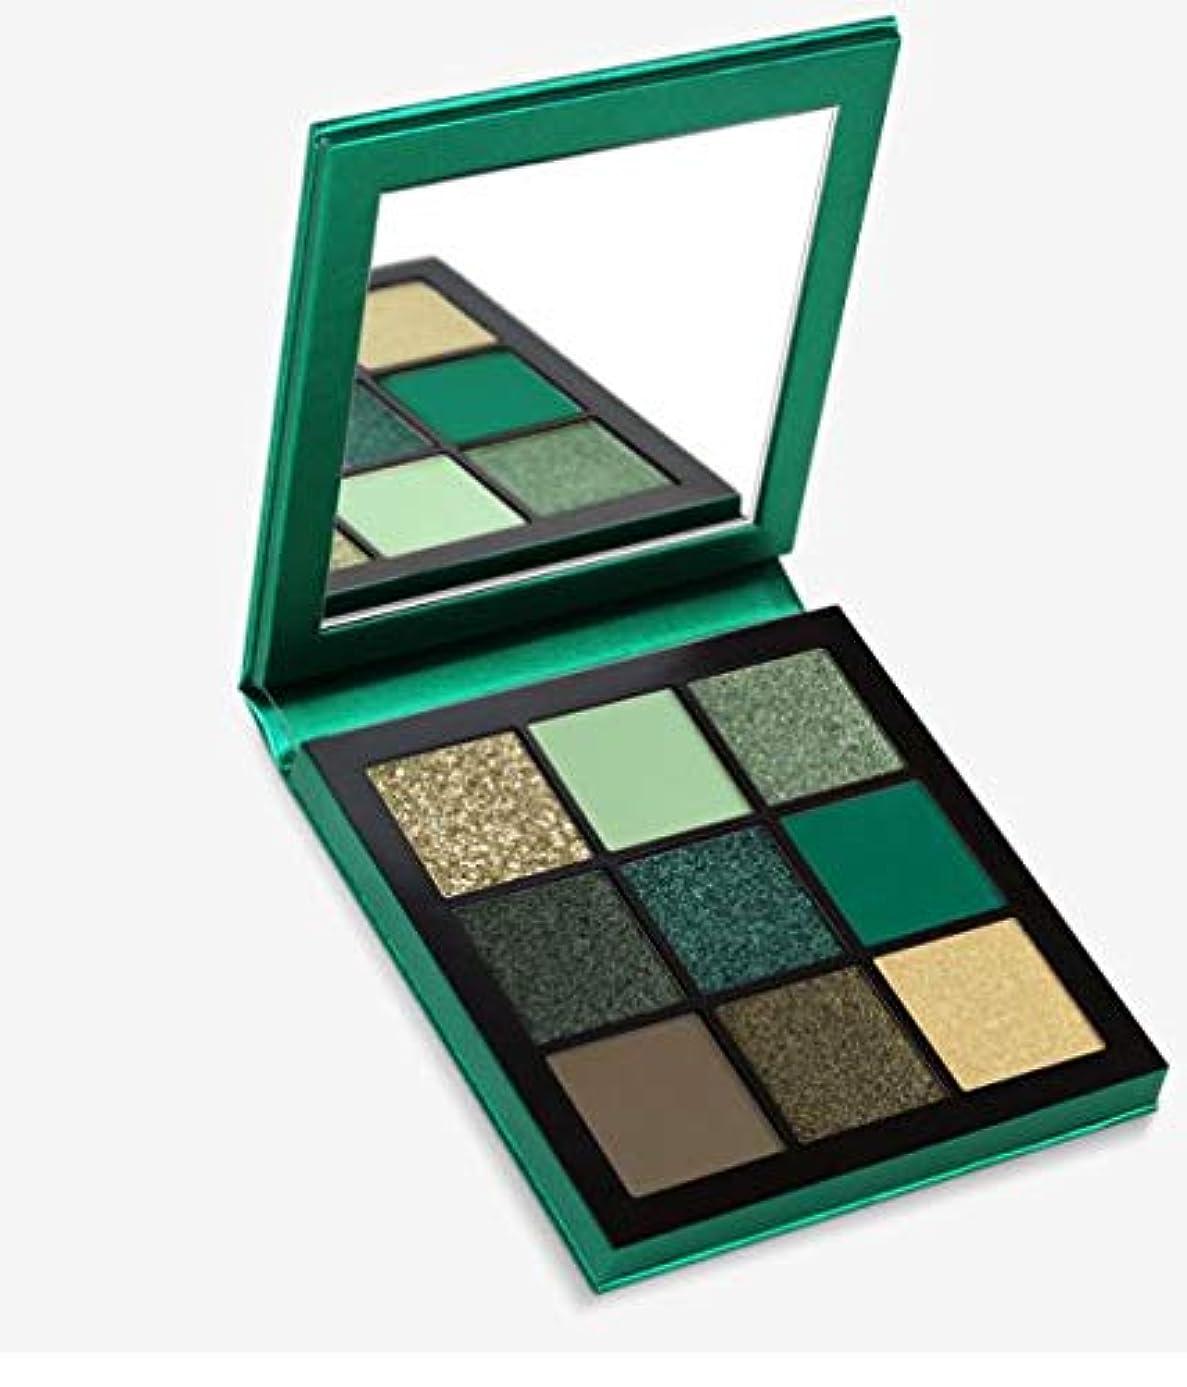 嫌がらせおもてなしこだわりHudabeauty Obsessions Eyeshadow Palette Emerald アイシャドウパレット